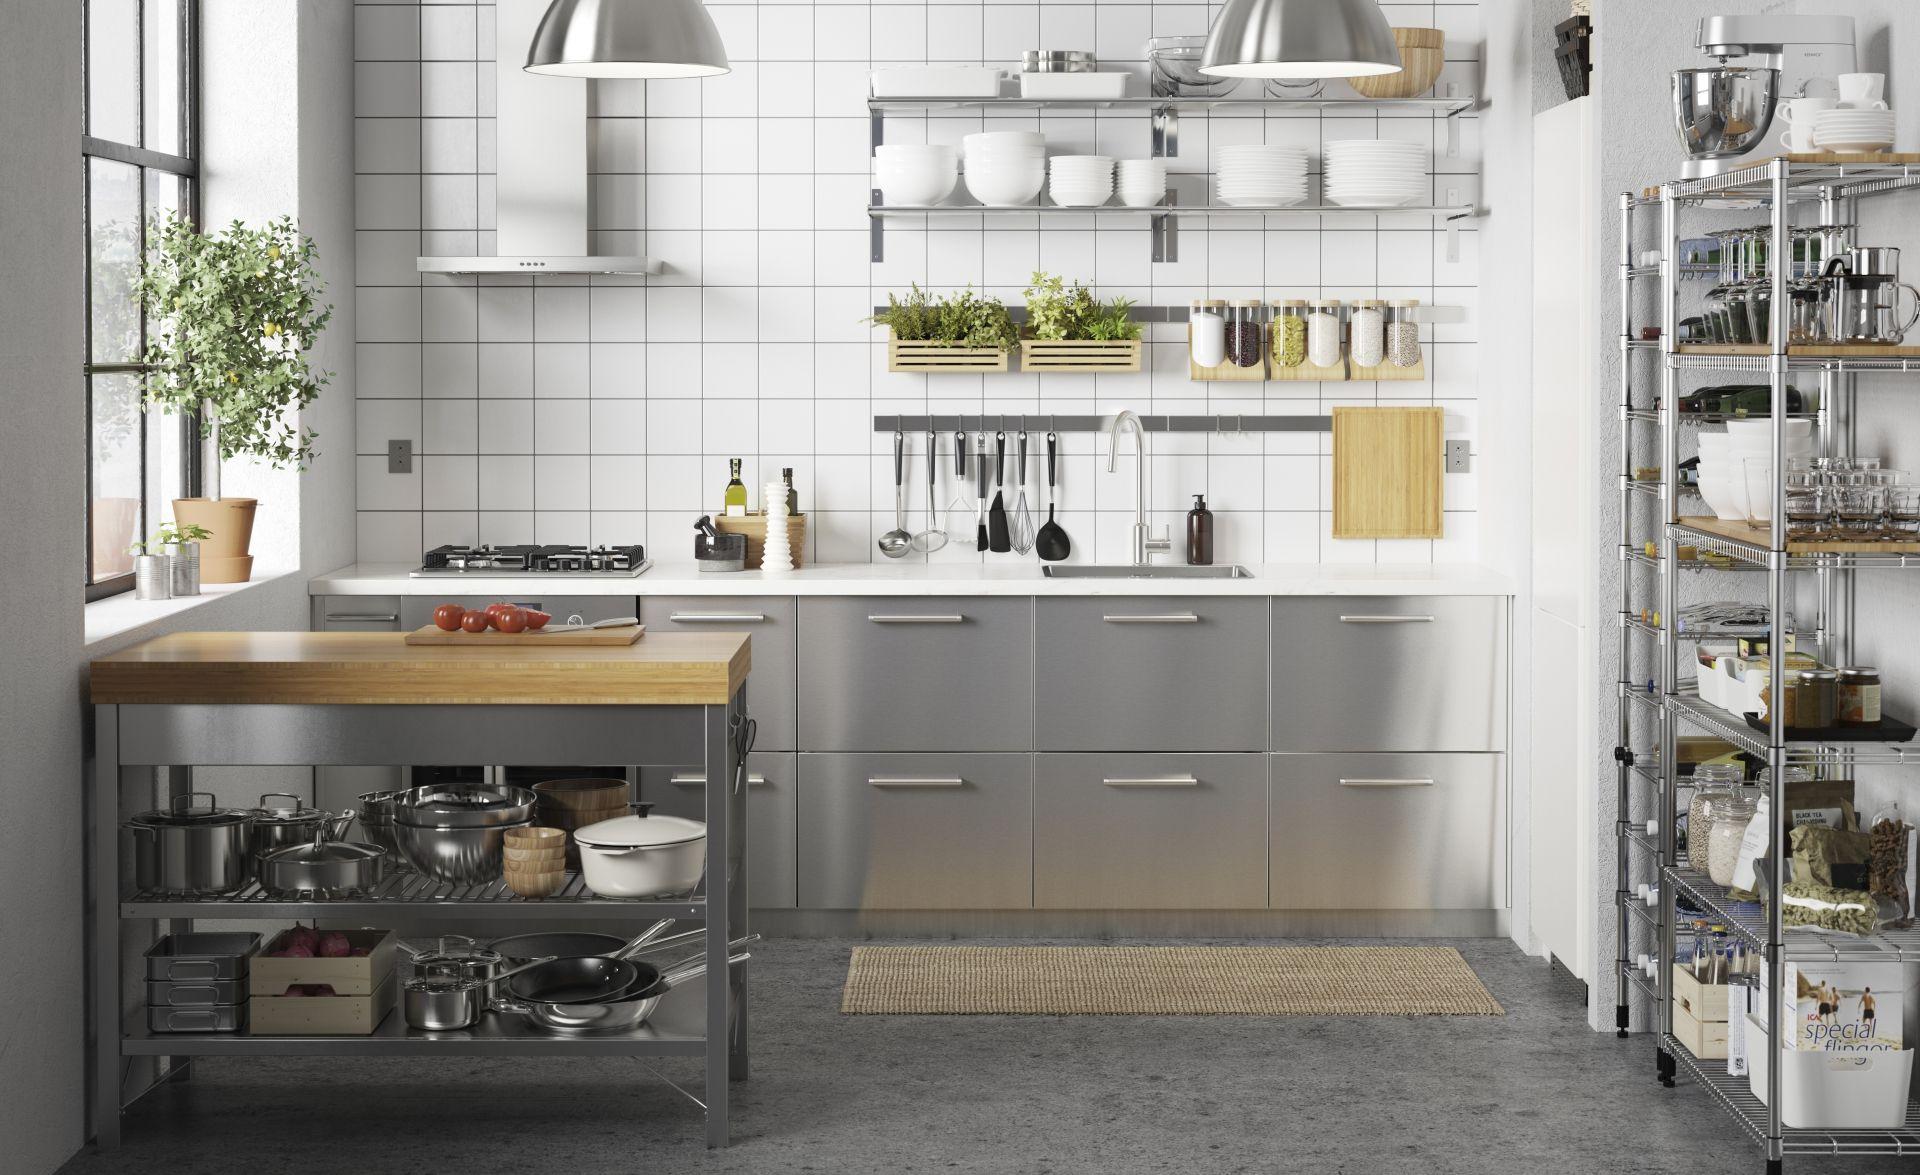 Hedendaags GREVSTA Deur - roestvrij staal 60x100 cm (met afbeeldingen) | Ikea GC-91